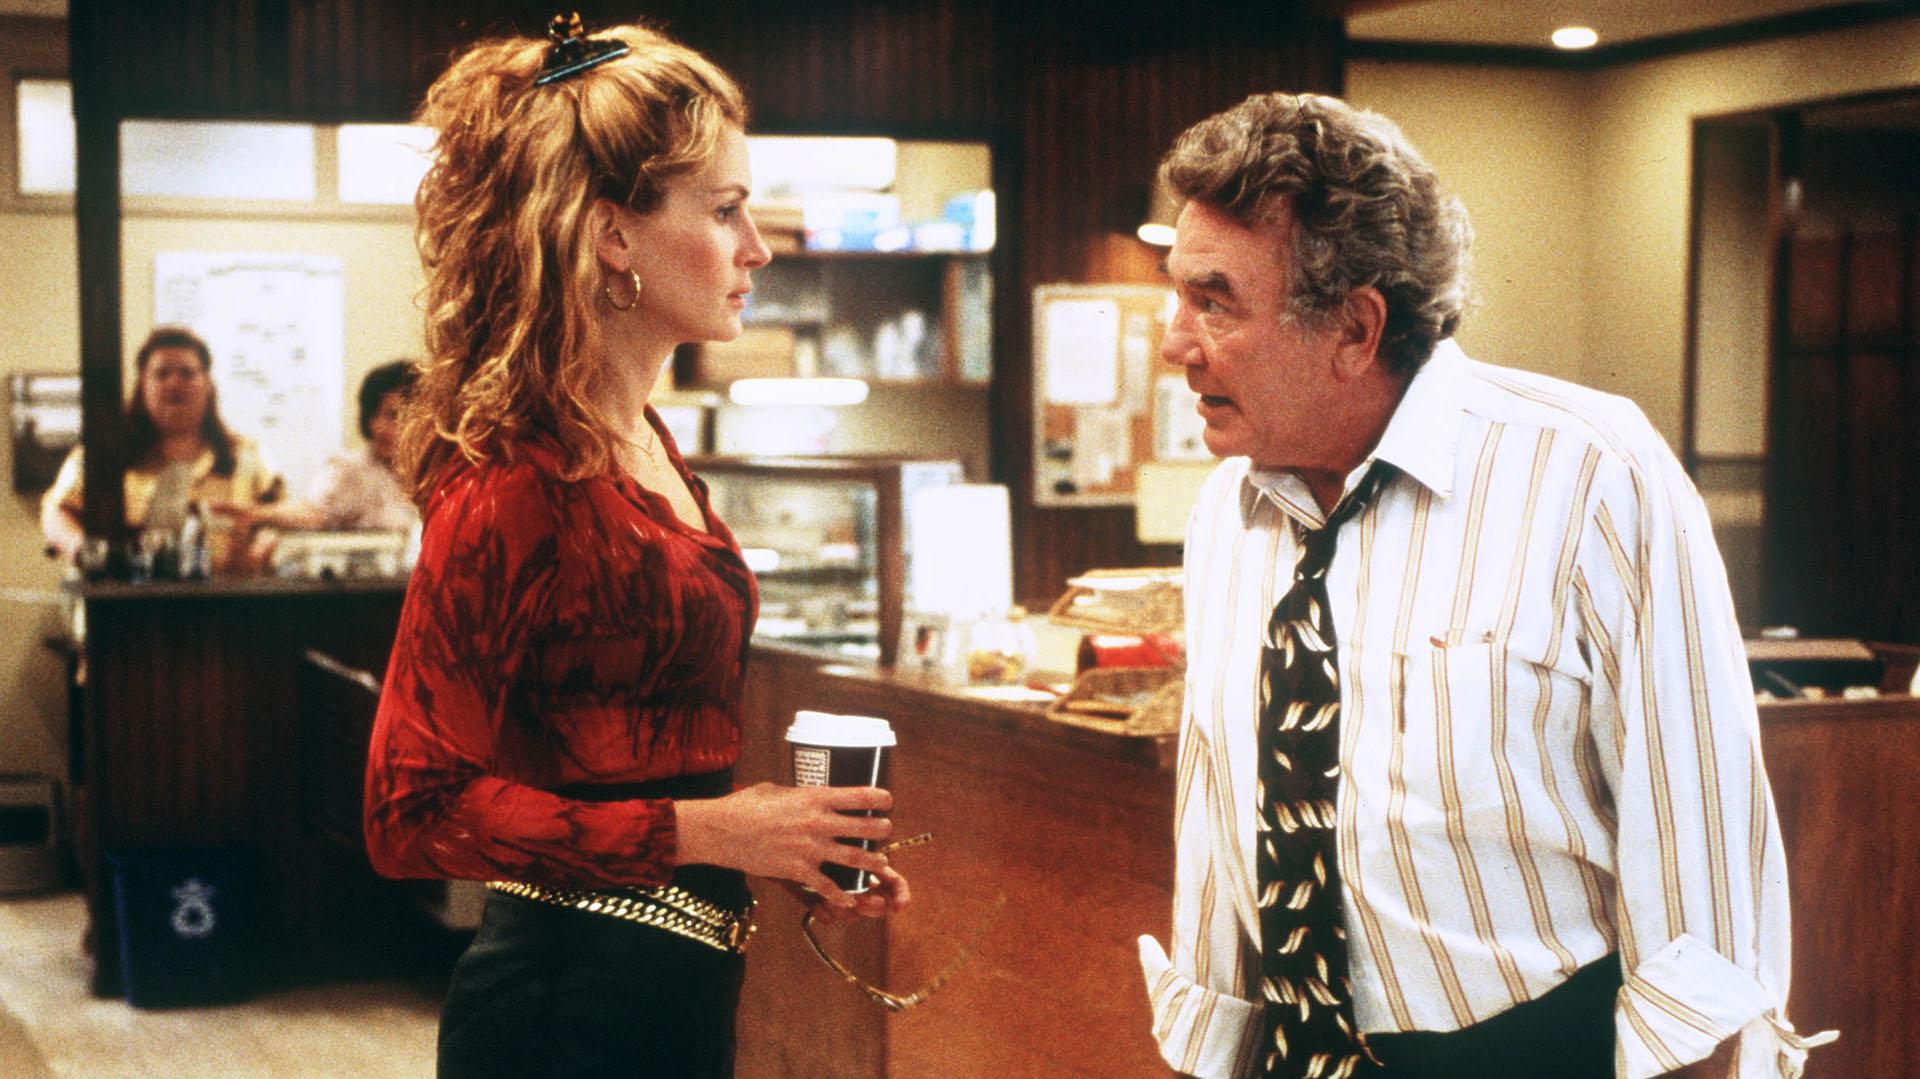 Erin Brokovich (Julia Roberts), madre soltera sin capacitación legal, une fuerzas con el abogado Ed Mastry (Albert Finney), y juntas ganan el mayor acuerdo que se haya pagado en una demanda directa. La película está dirigida por Steven Soderbergh. X 131361-01